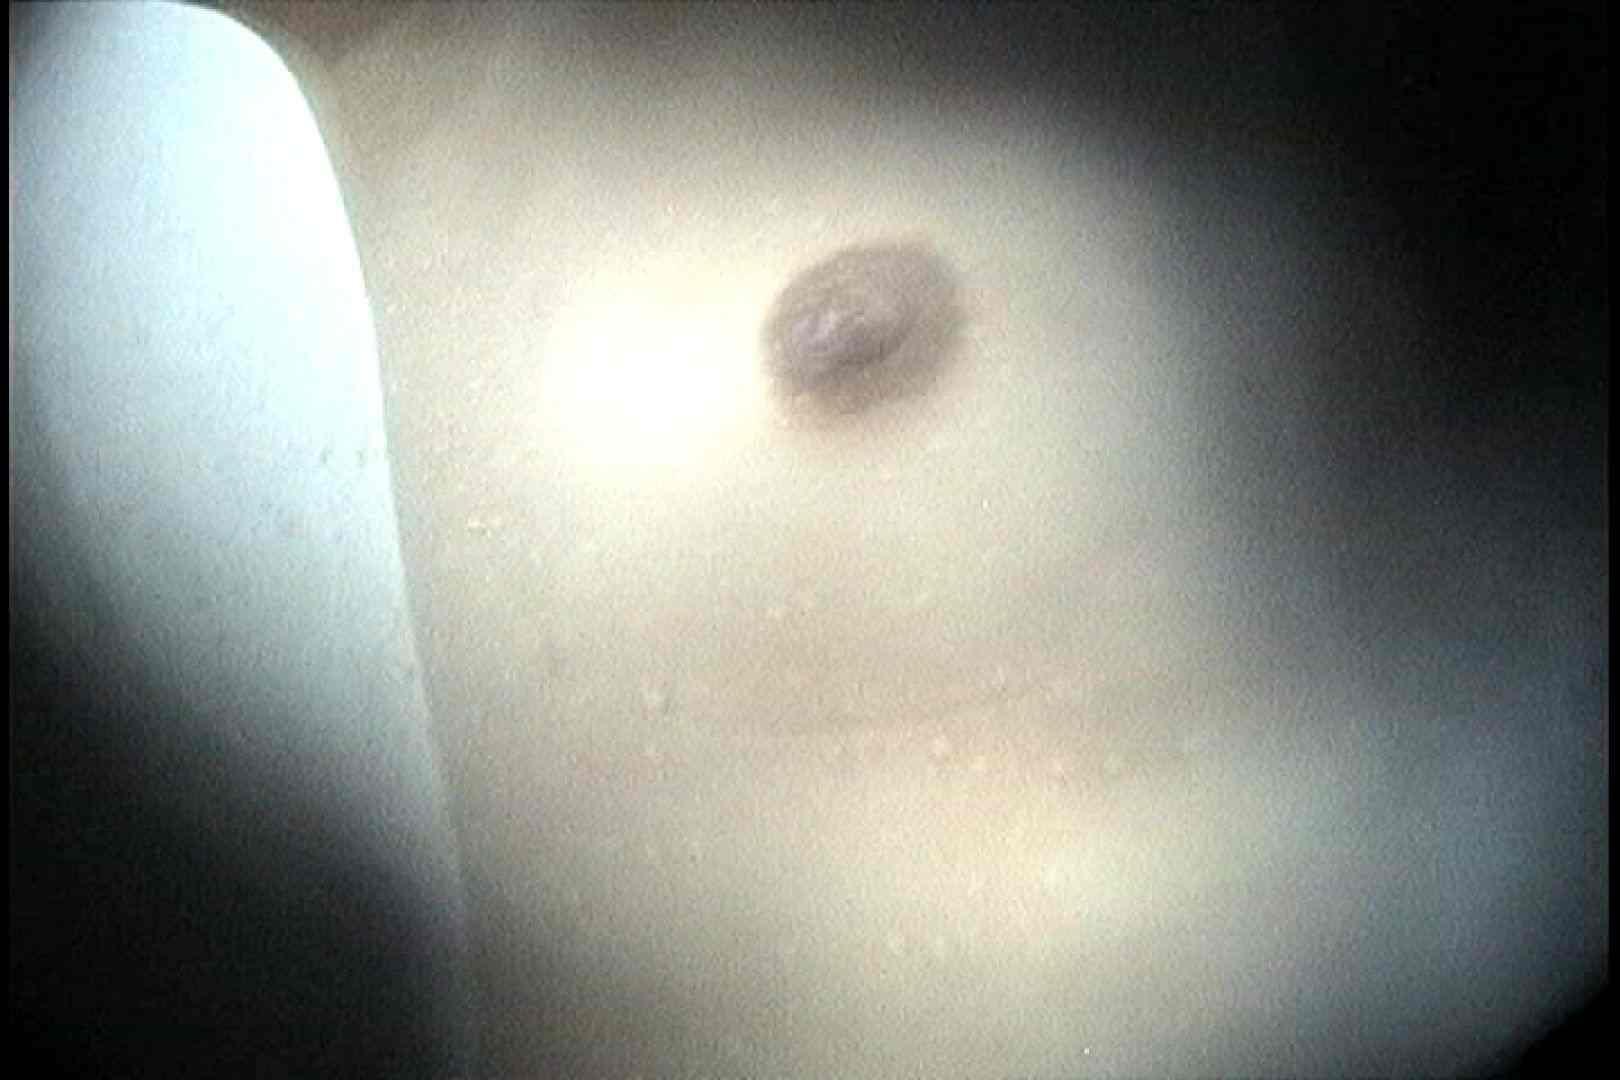 無料アダルト動画:No.75 美人の陰毛は少し濃いようです。:怪盗ジョーカー